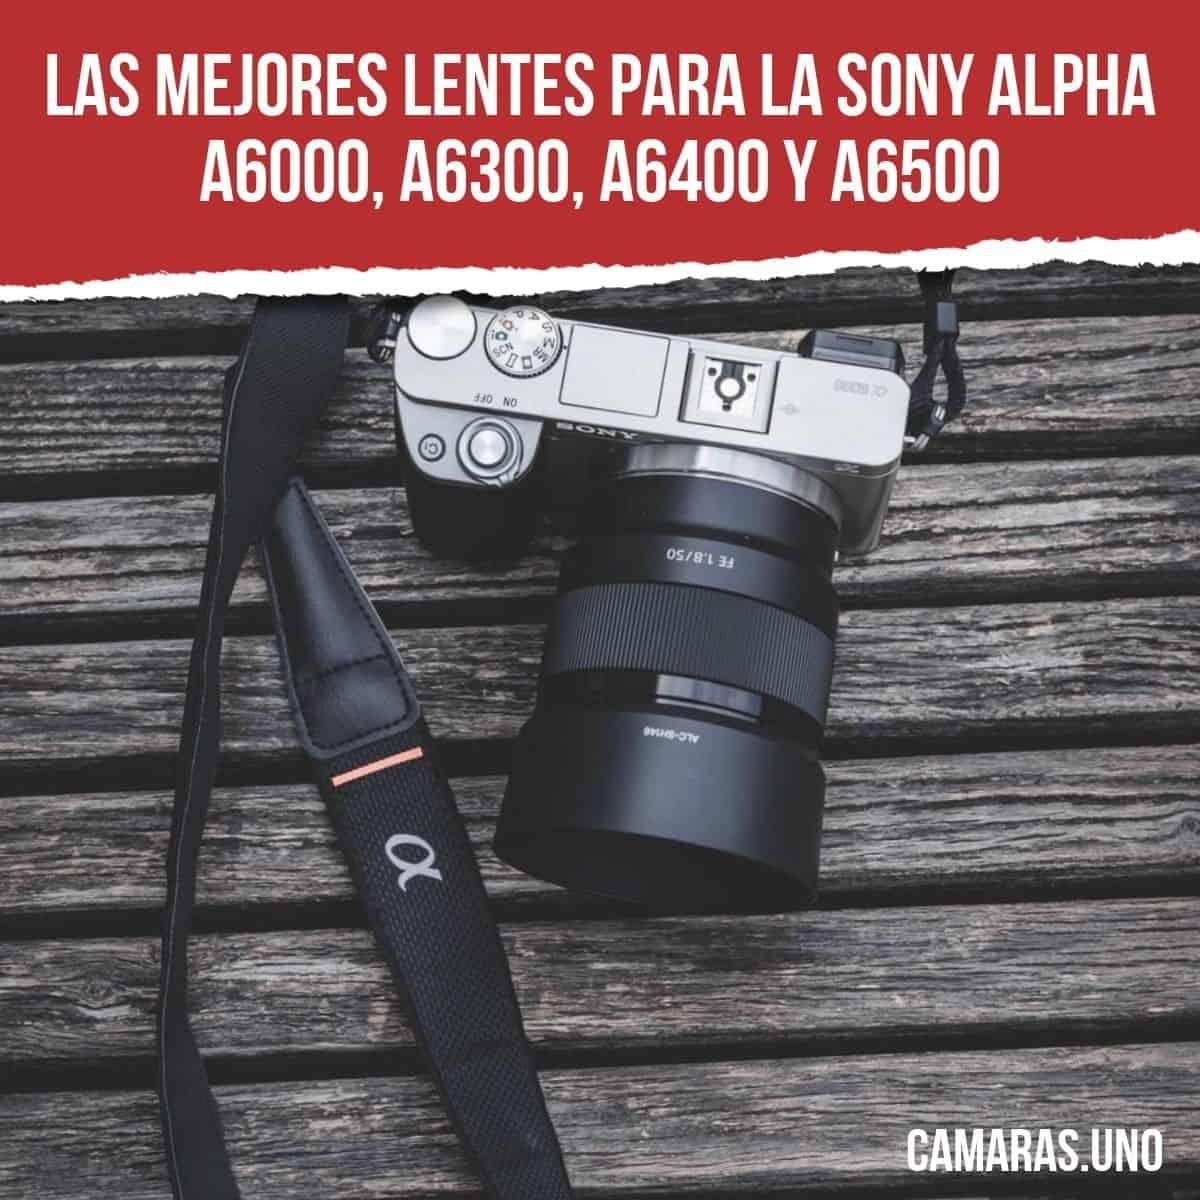 Las mejores lentes para la Sony Alpha a6000, a6300, a6400 y a6500